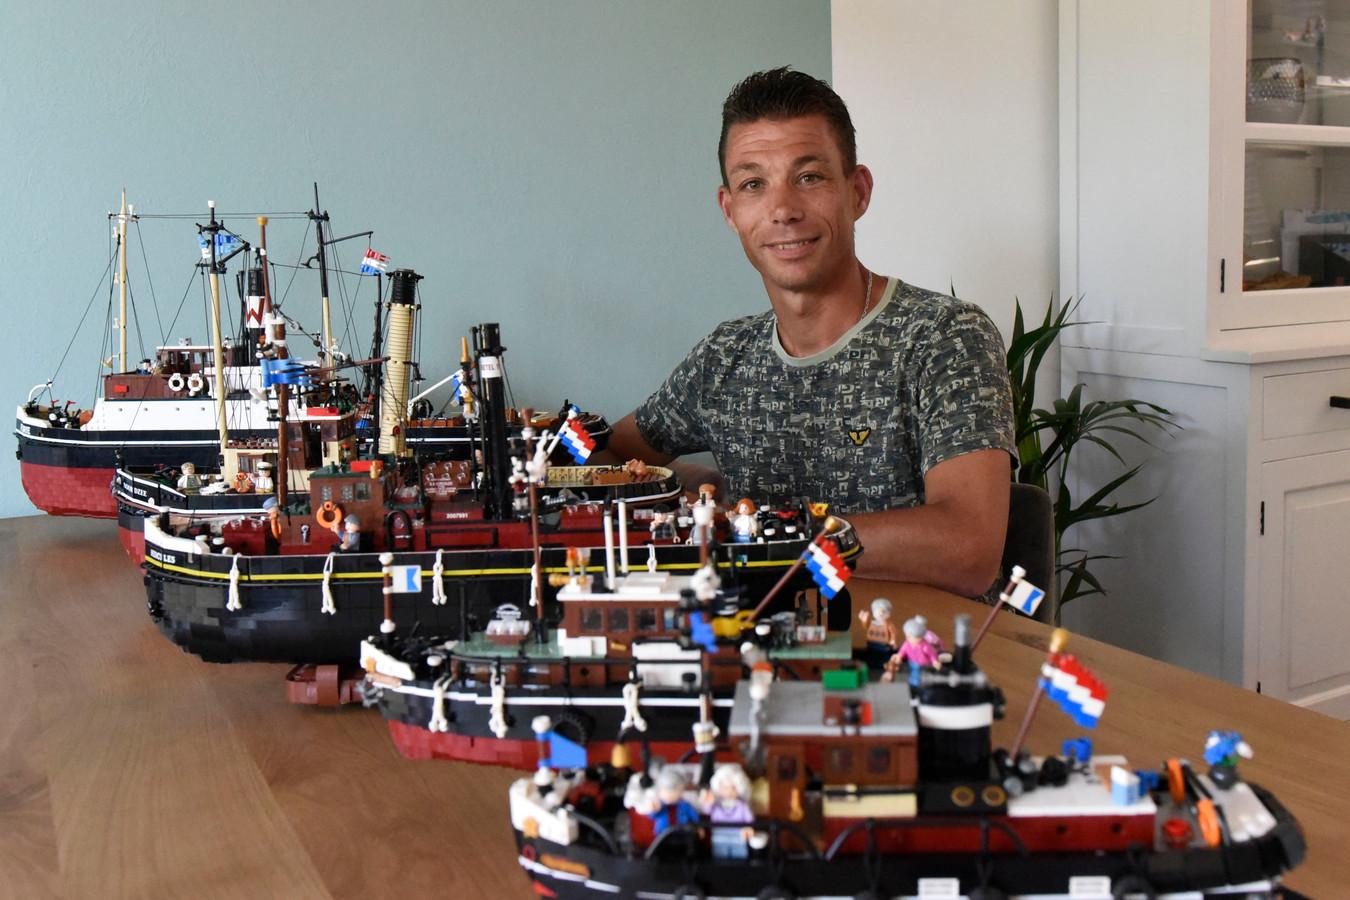 Jebbo Bouhuijs aan de keukentafel met zijn miniatuurschepen.